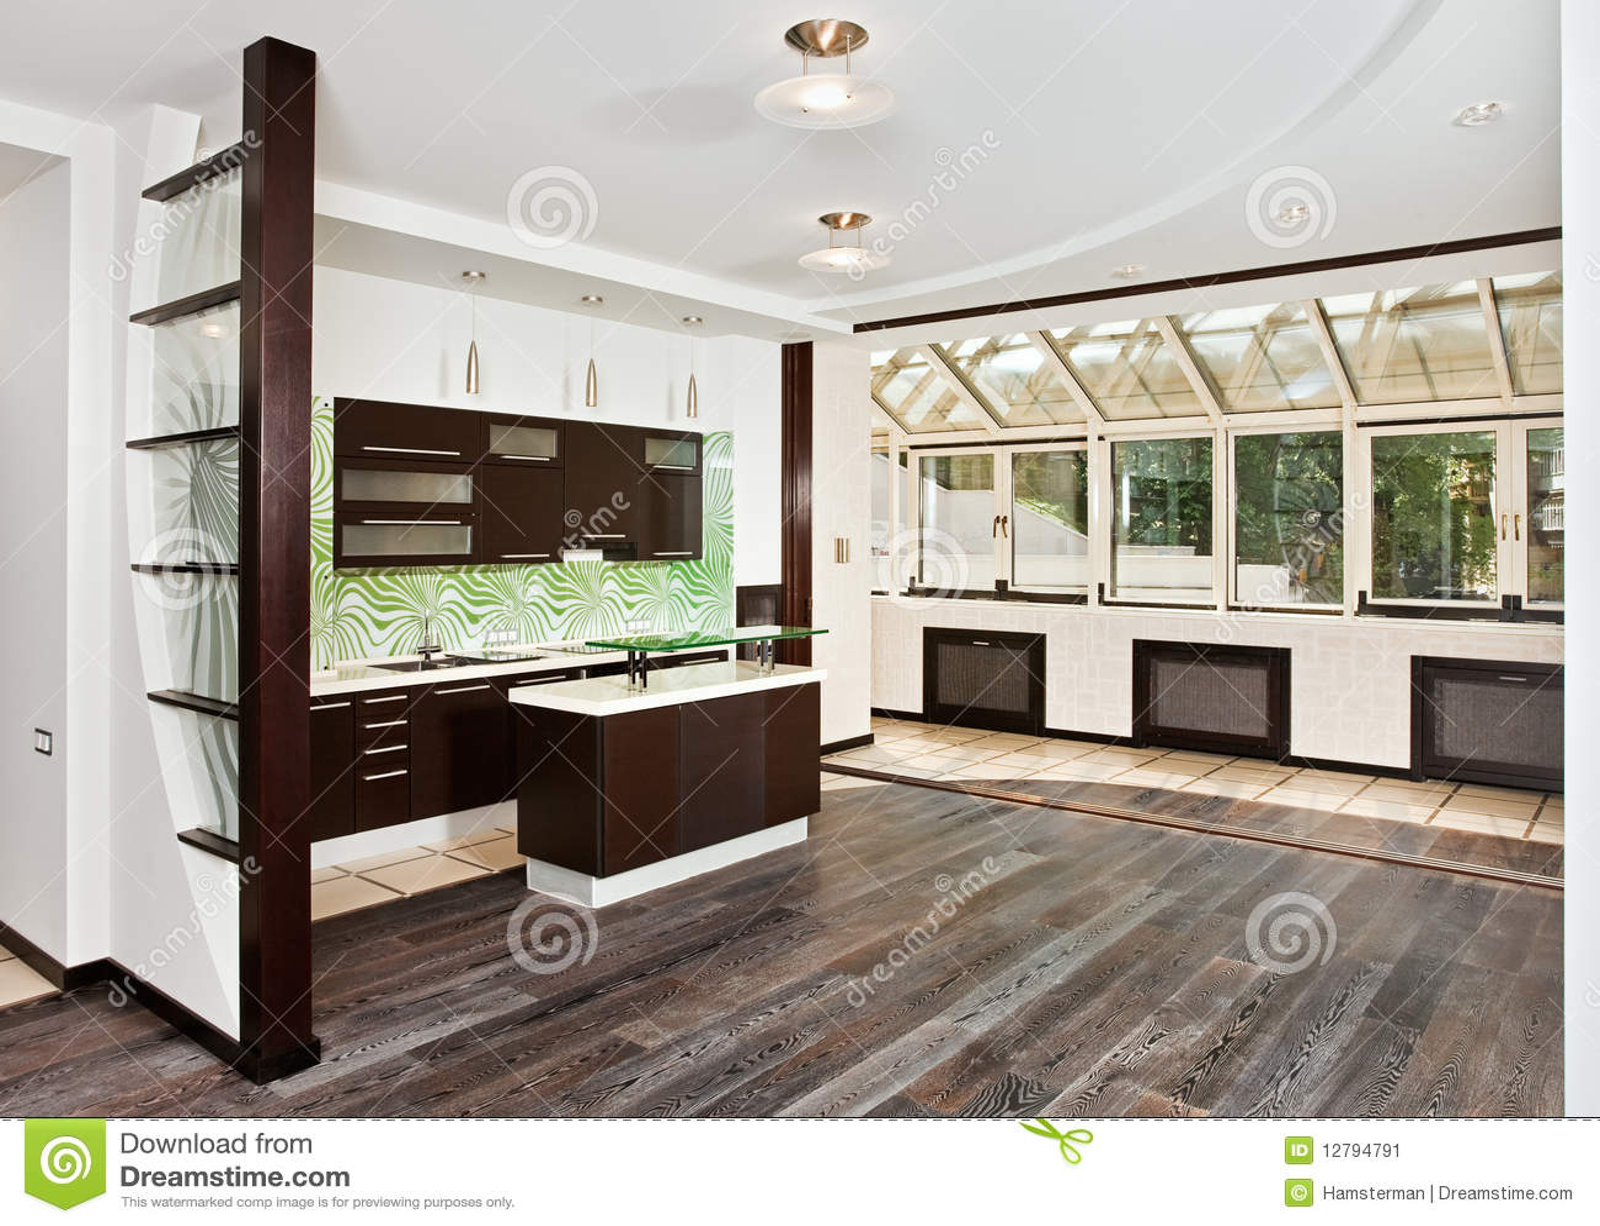 Salotto Moderno Parquet: In salotto moderno con tendaggio classico ...